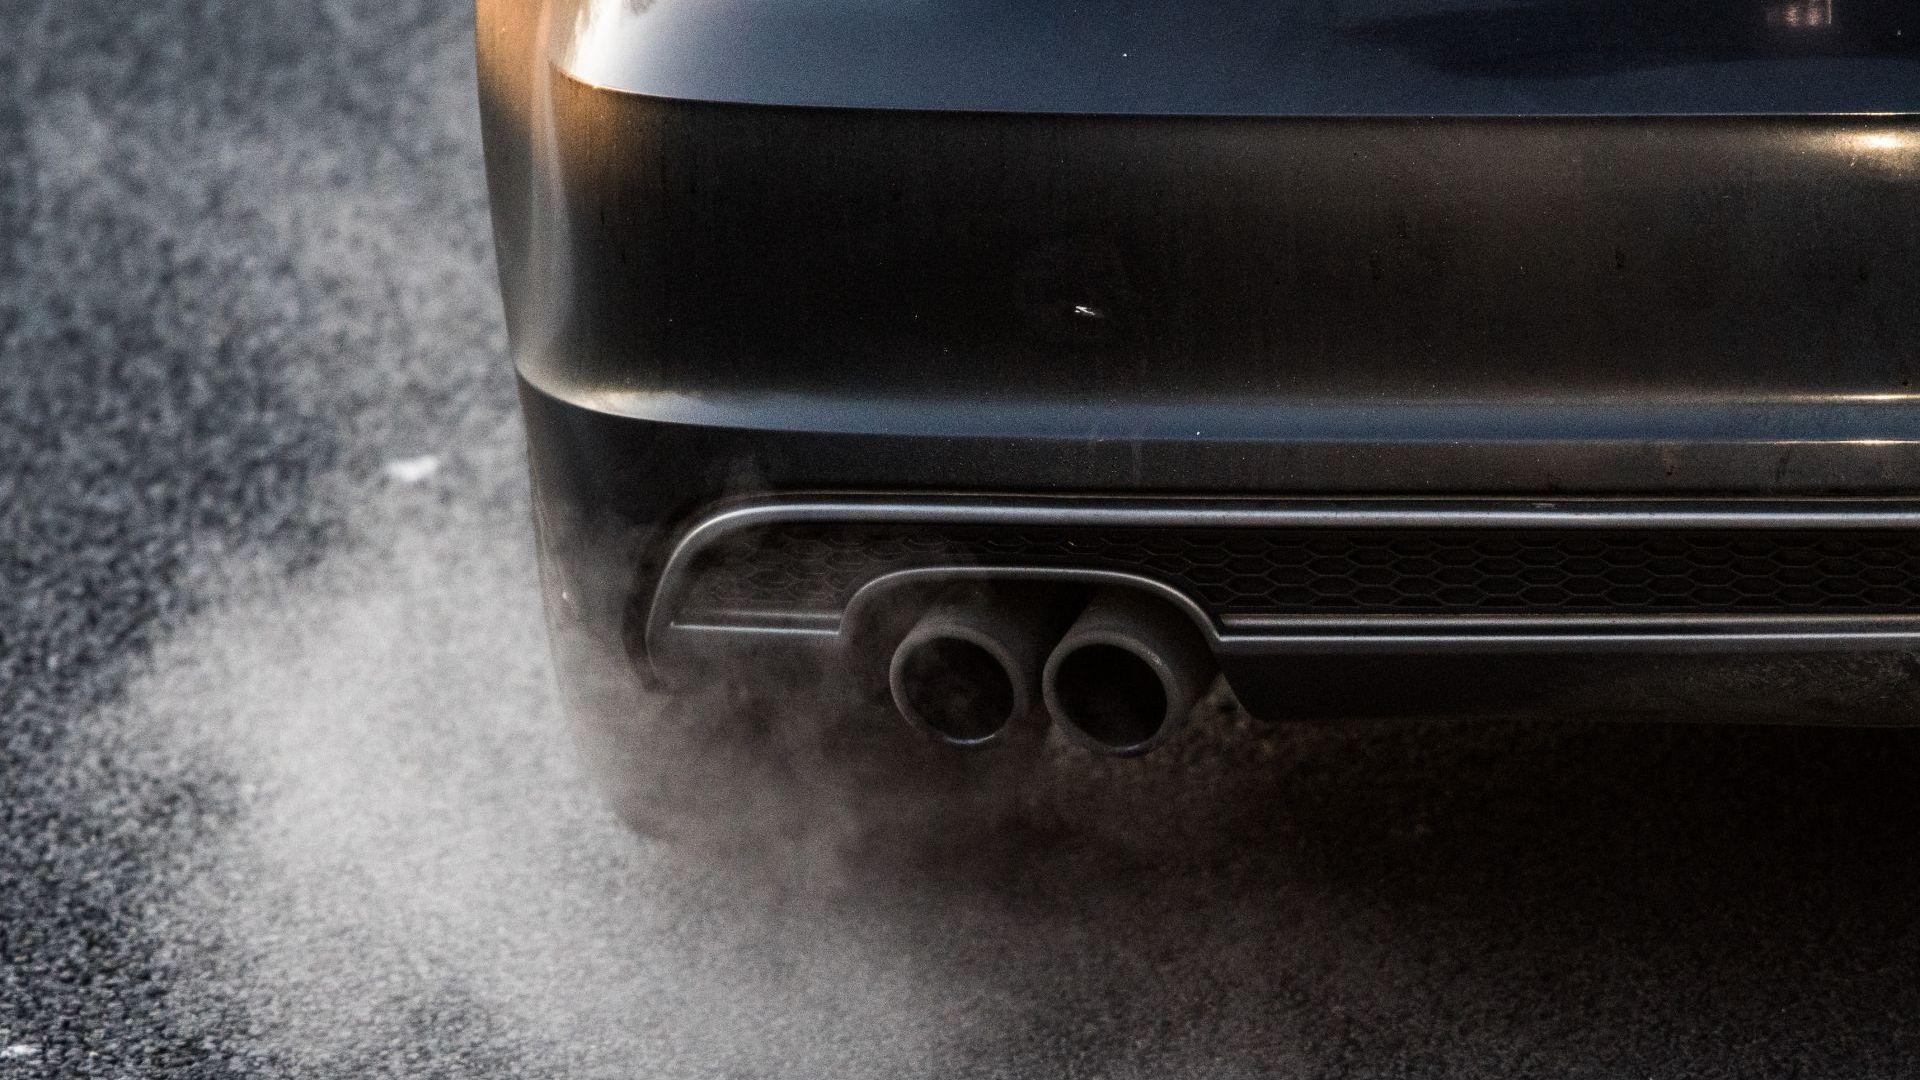 ACEA: Οι ζώνες χαμηλών εκπομπών μειώνουν την επιβάρυνση για το περιβάλλον